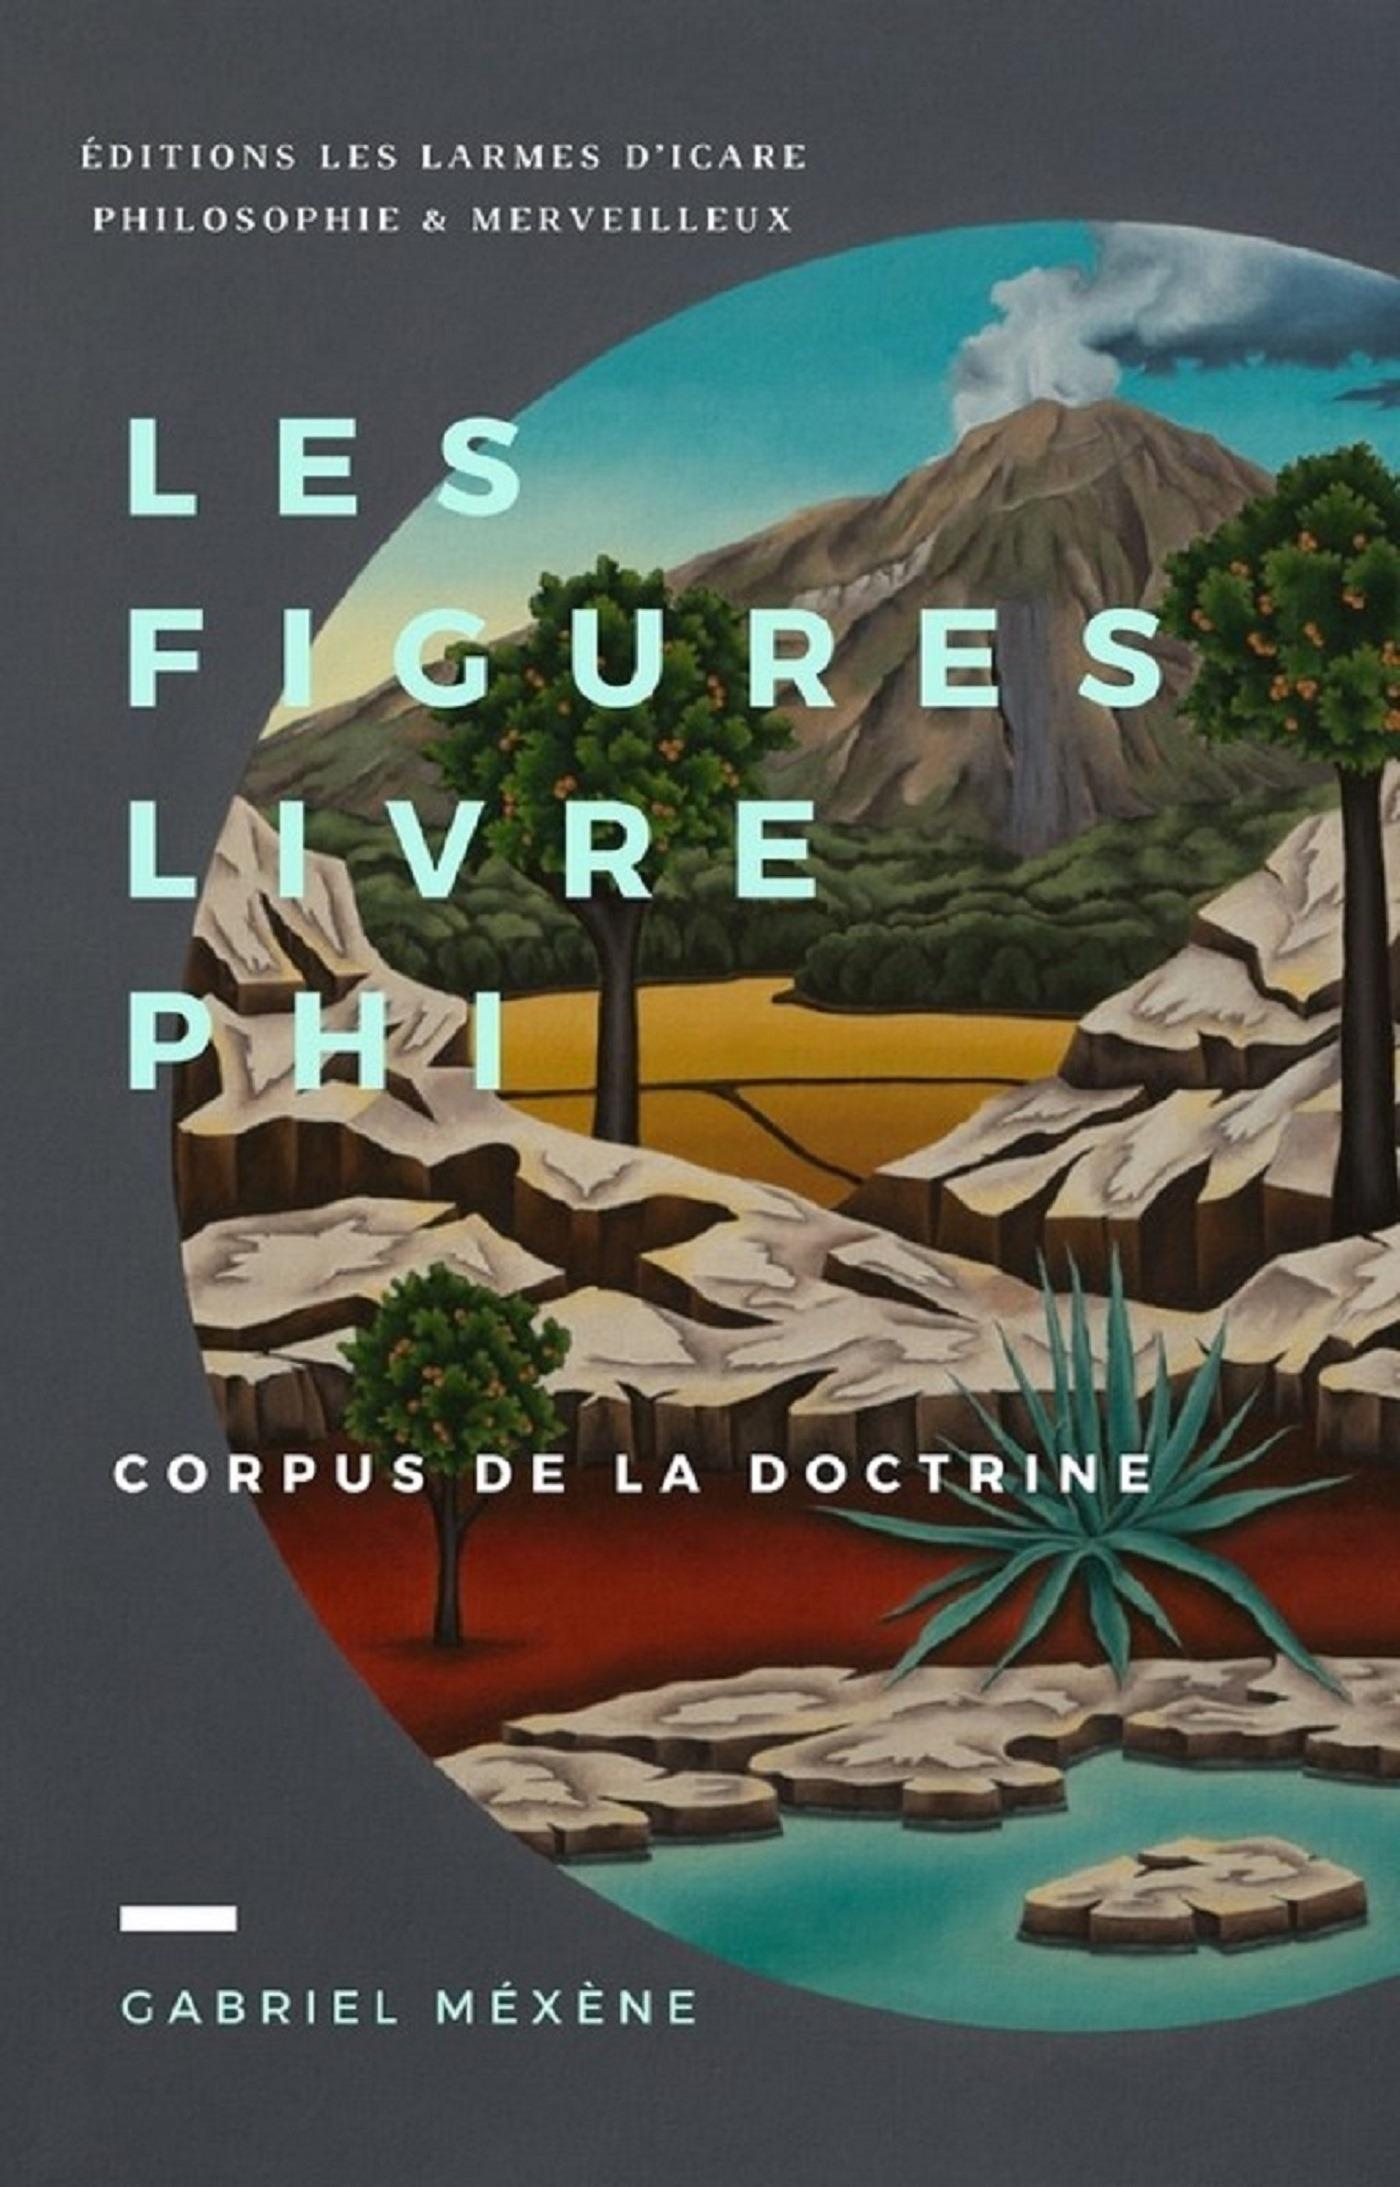 Les Figures, Livre Phi